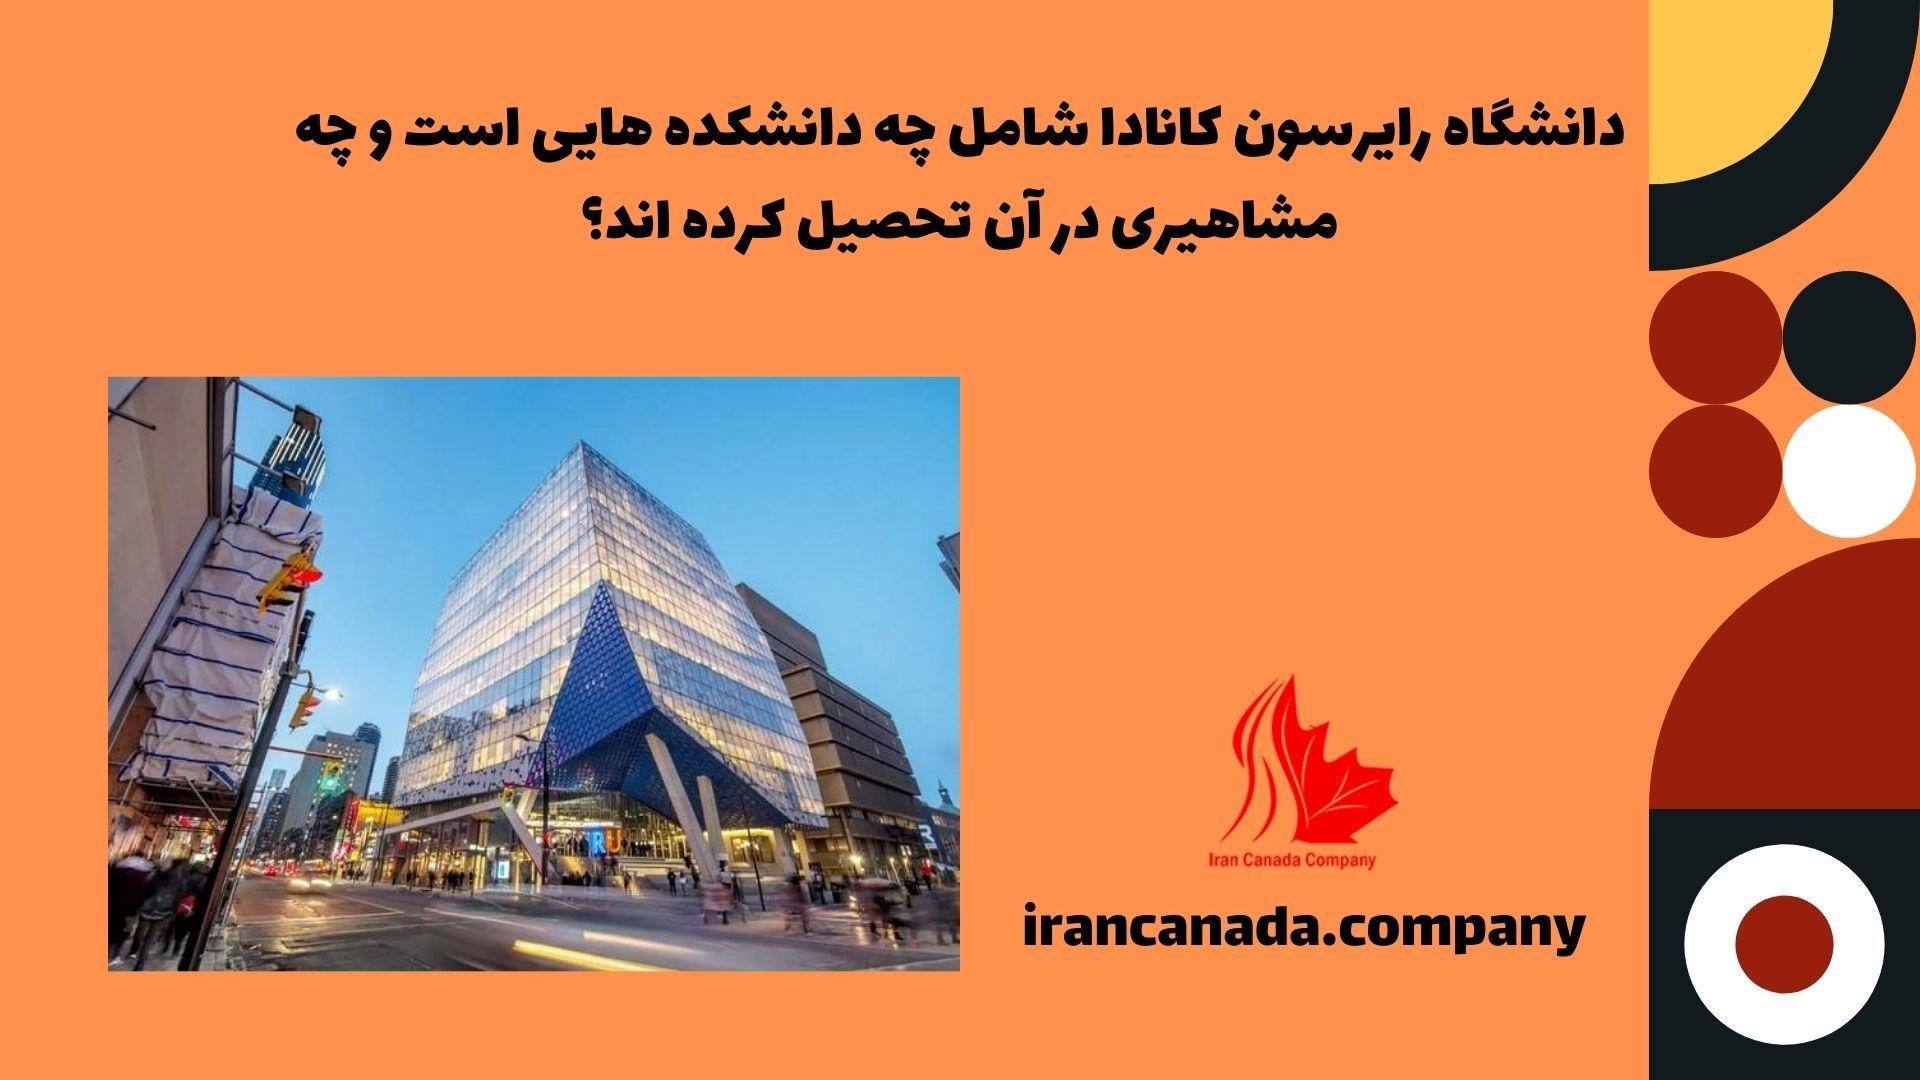 دانشگاه رایرسون کانادا شامل چه دانشکده هایی است و چه مشاهیری در آن تحصیل کرده اند؟